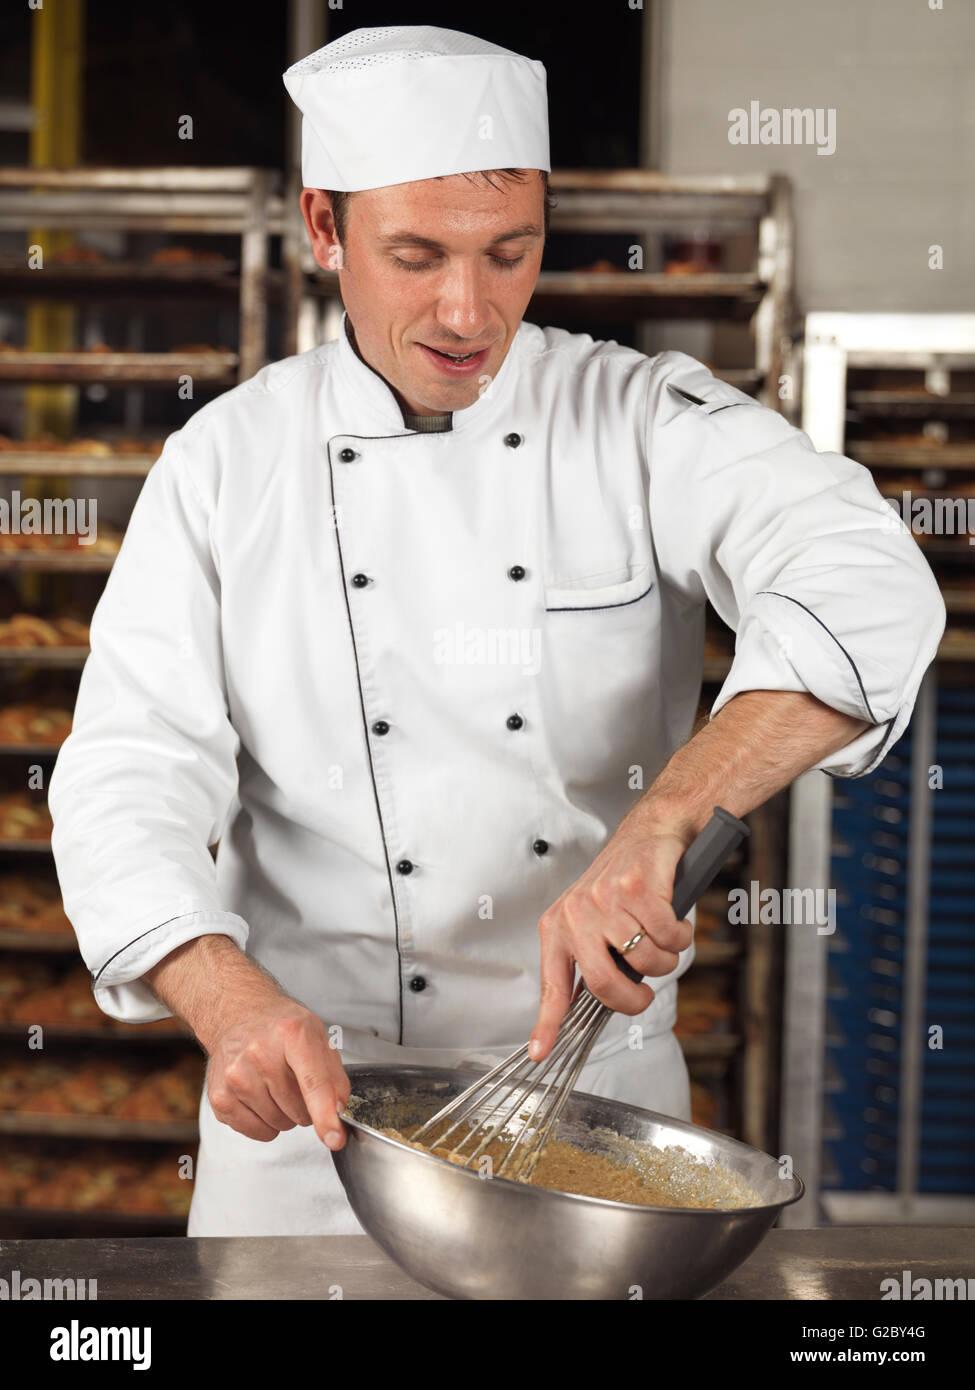 Baker whisking batter in a bowl - Stock Image